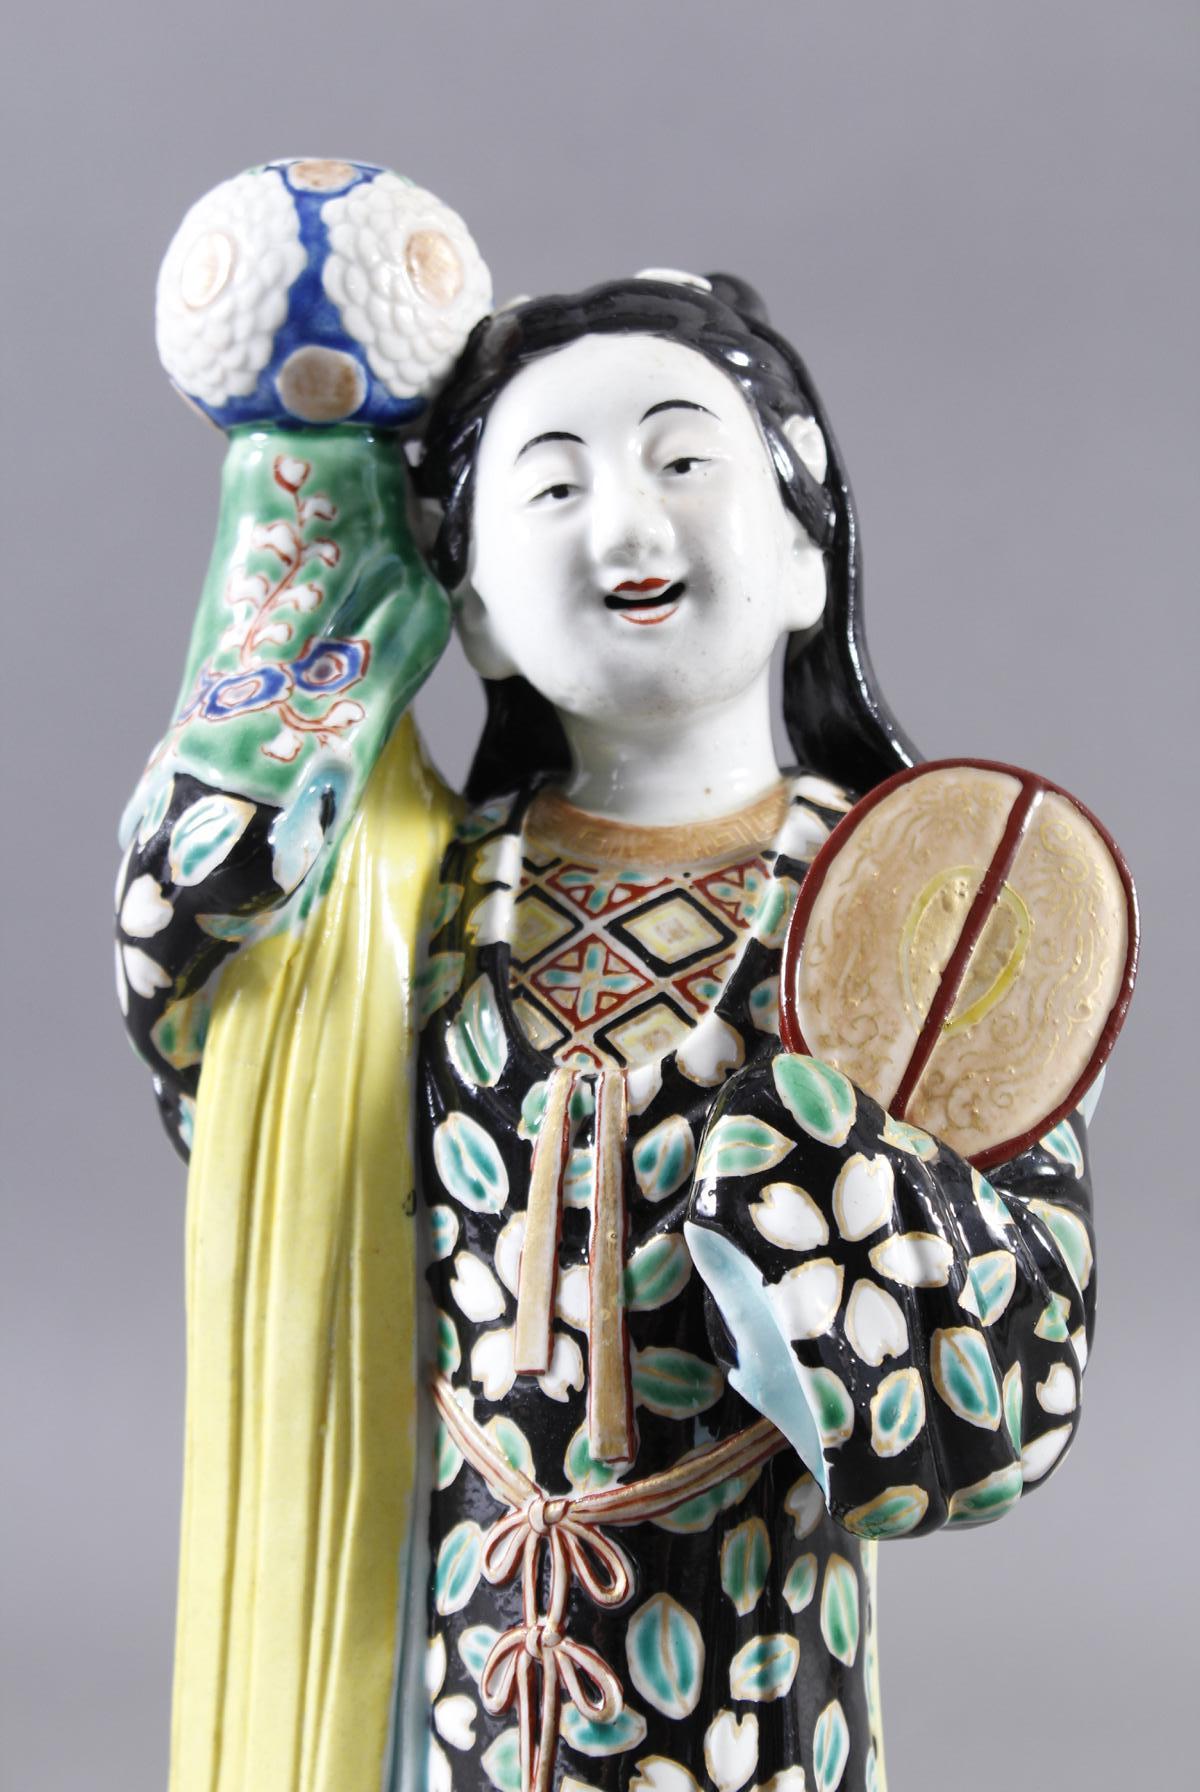 Porzellan-Räucherfigur, Mädchen, China 19. Jahrhundert-2